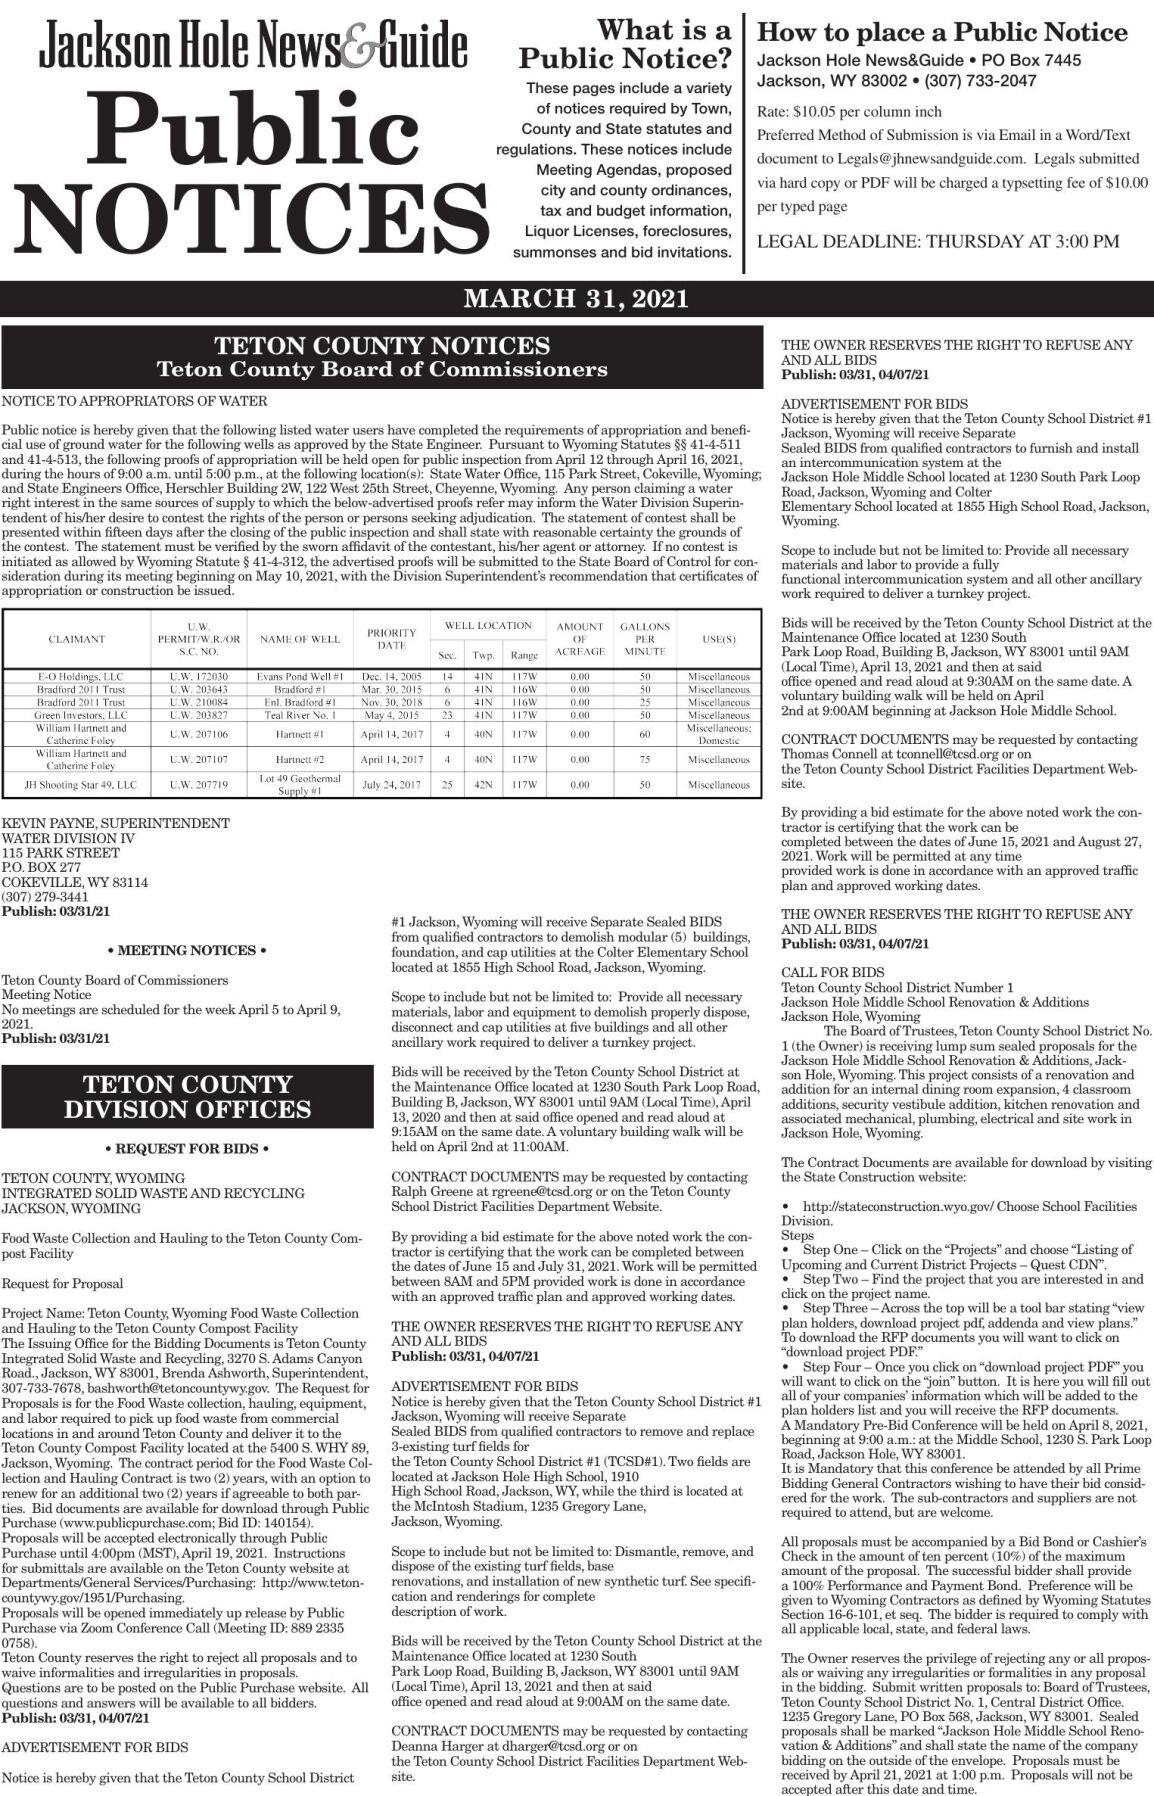 Public Notices, March 31, 2021